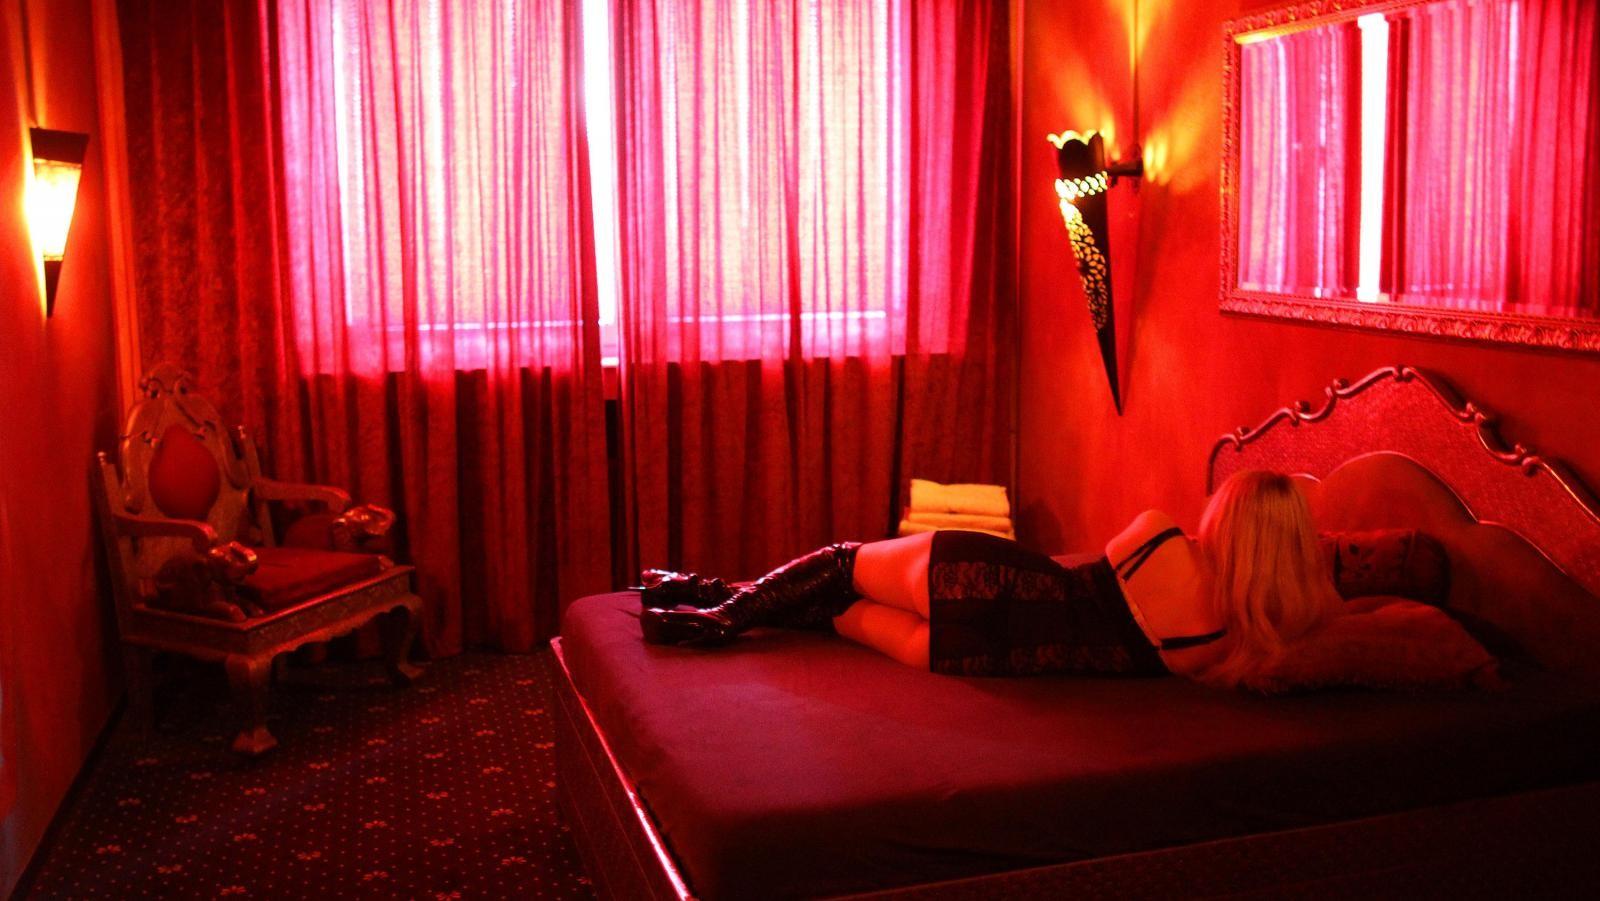 салоны и апартаменты для интим отдыха в москве